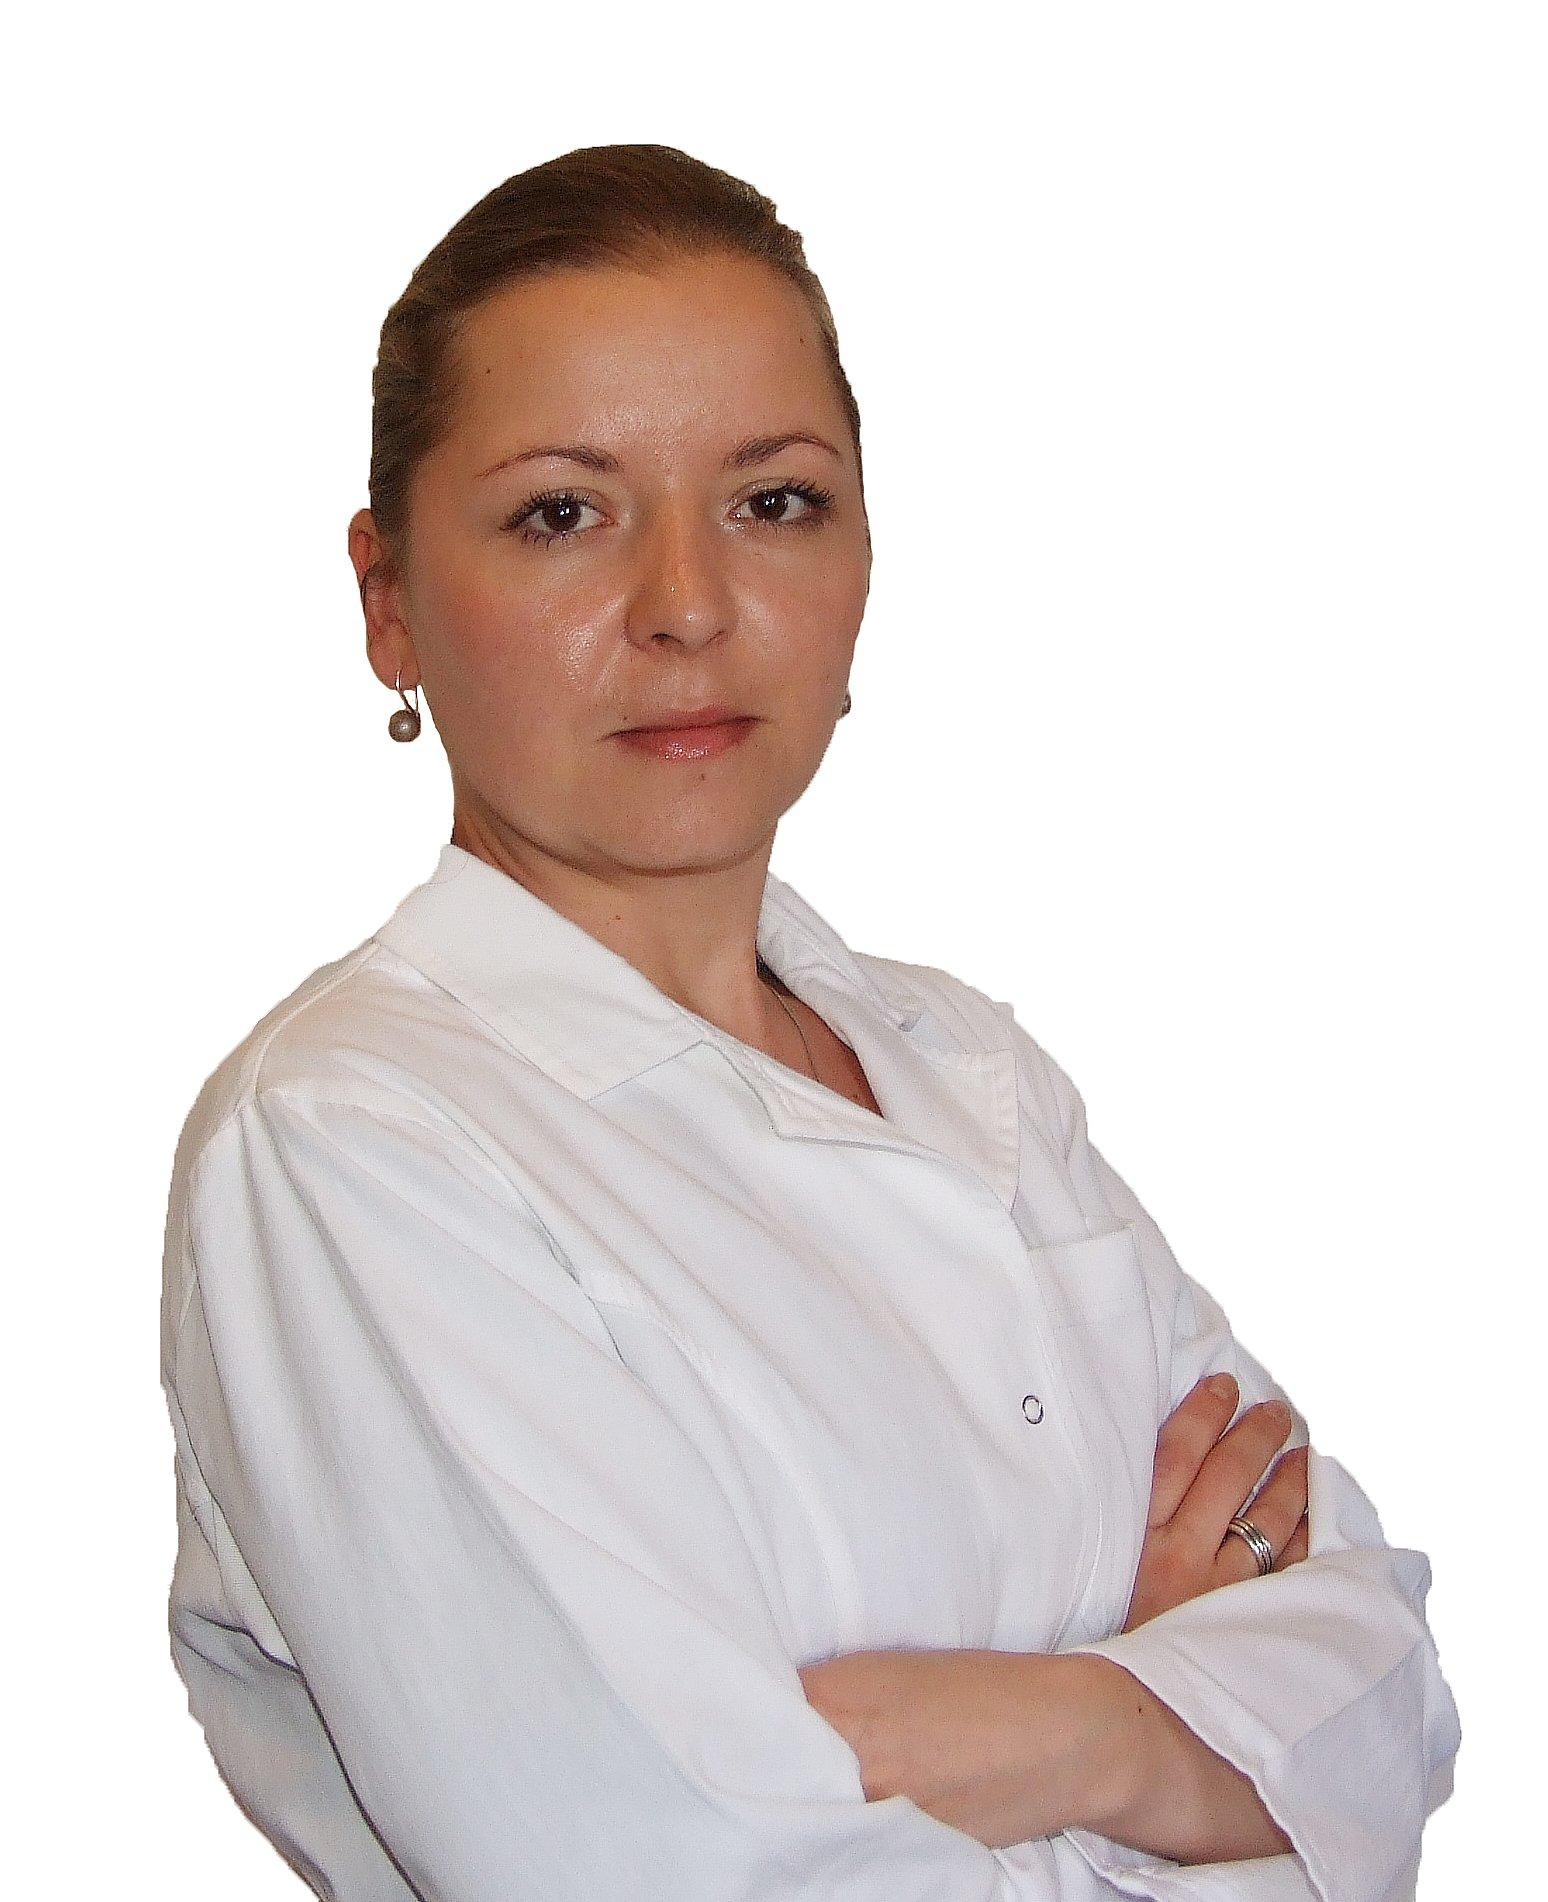 Andrea Živković